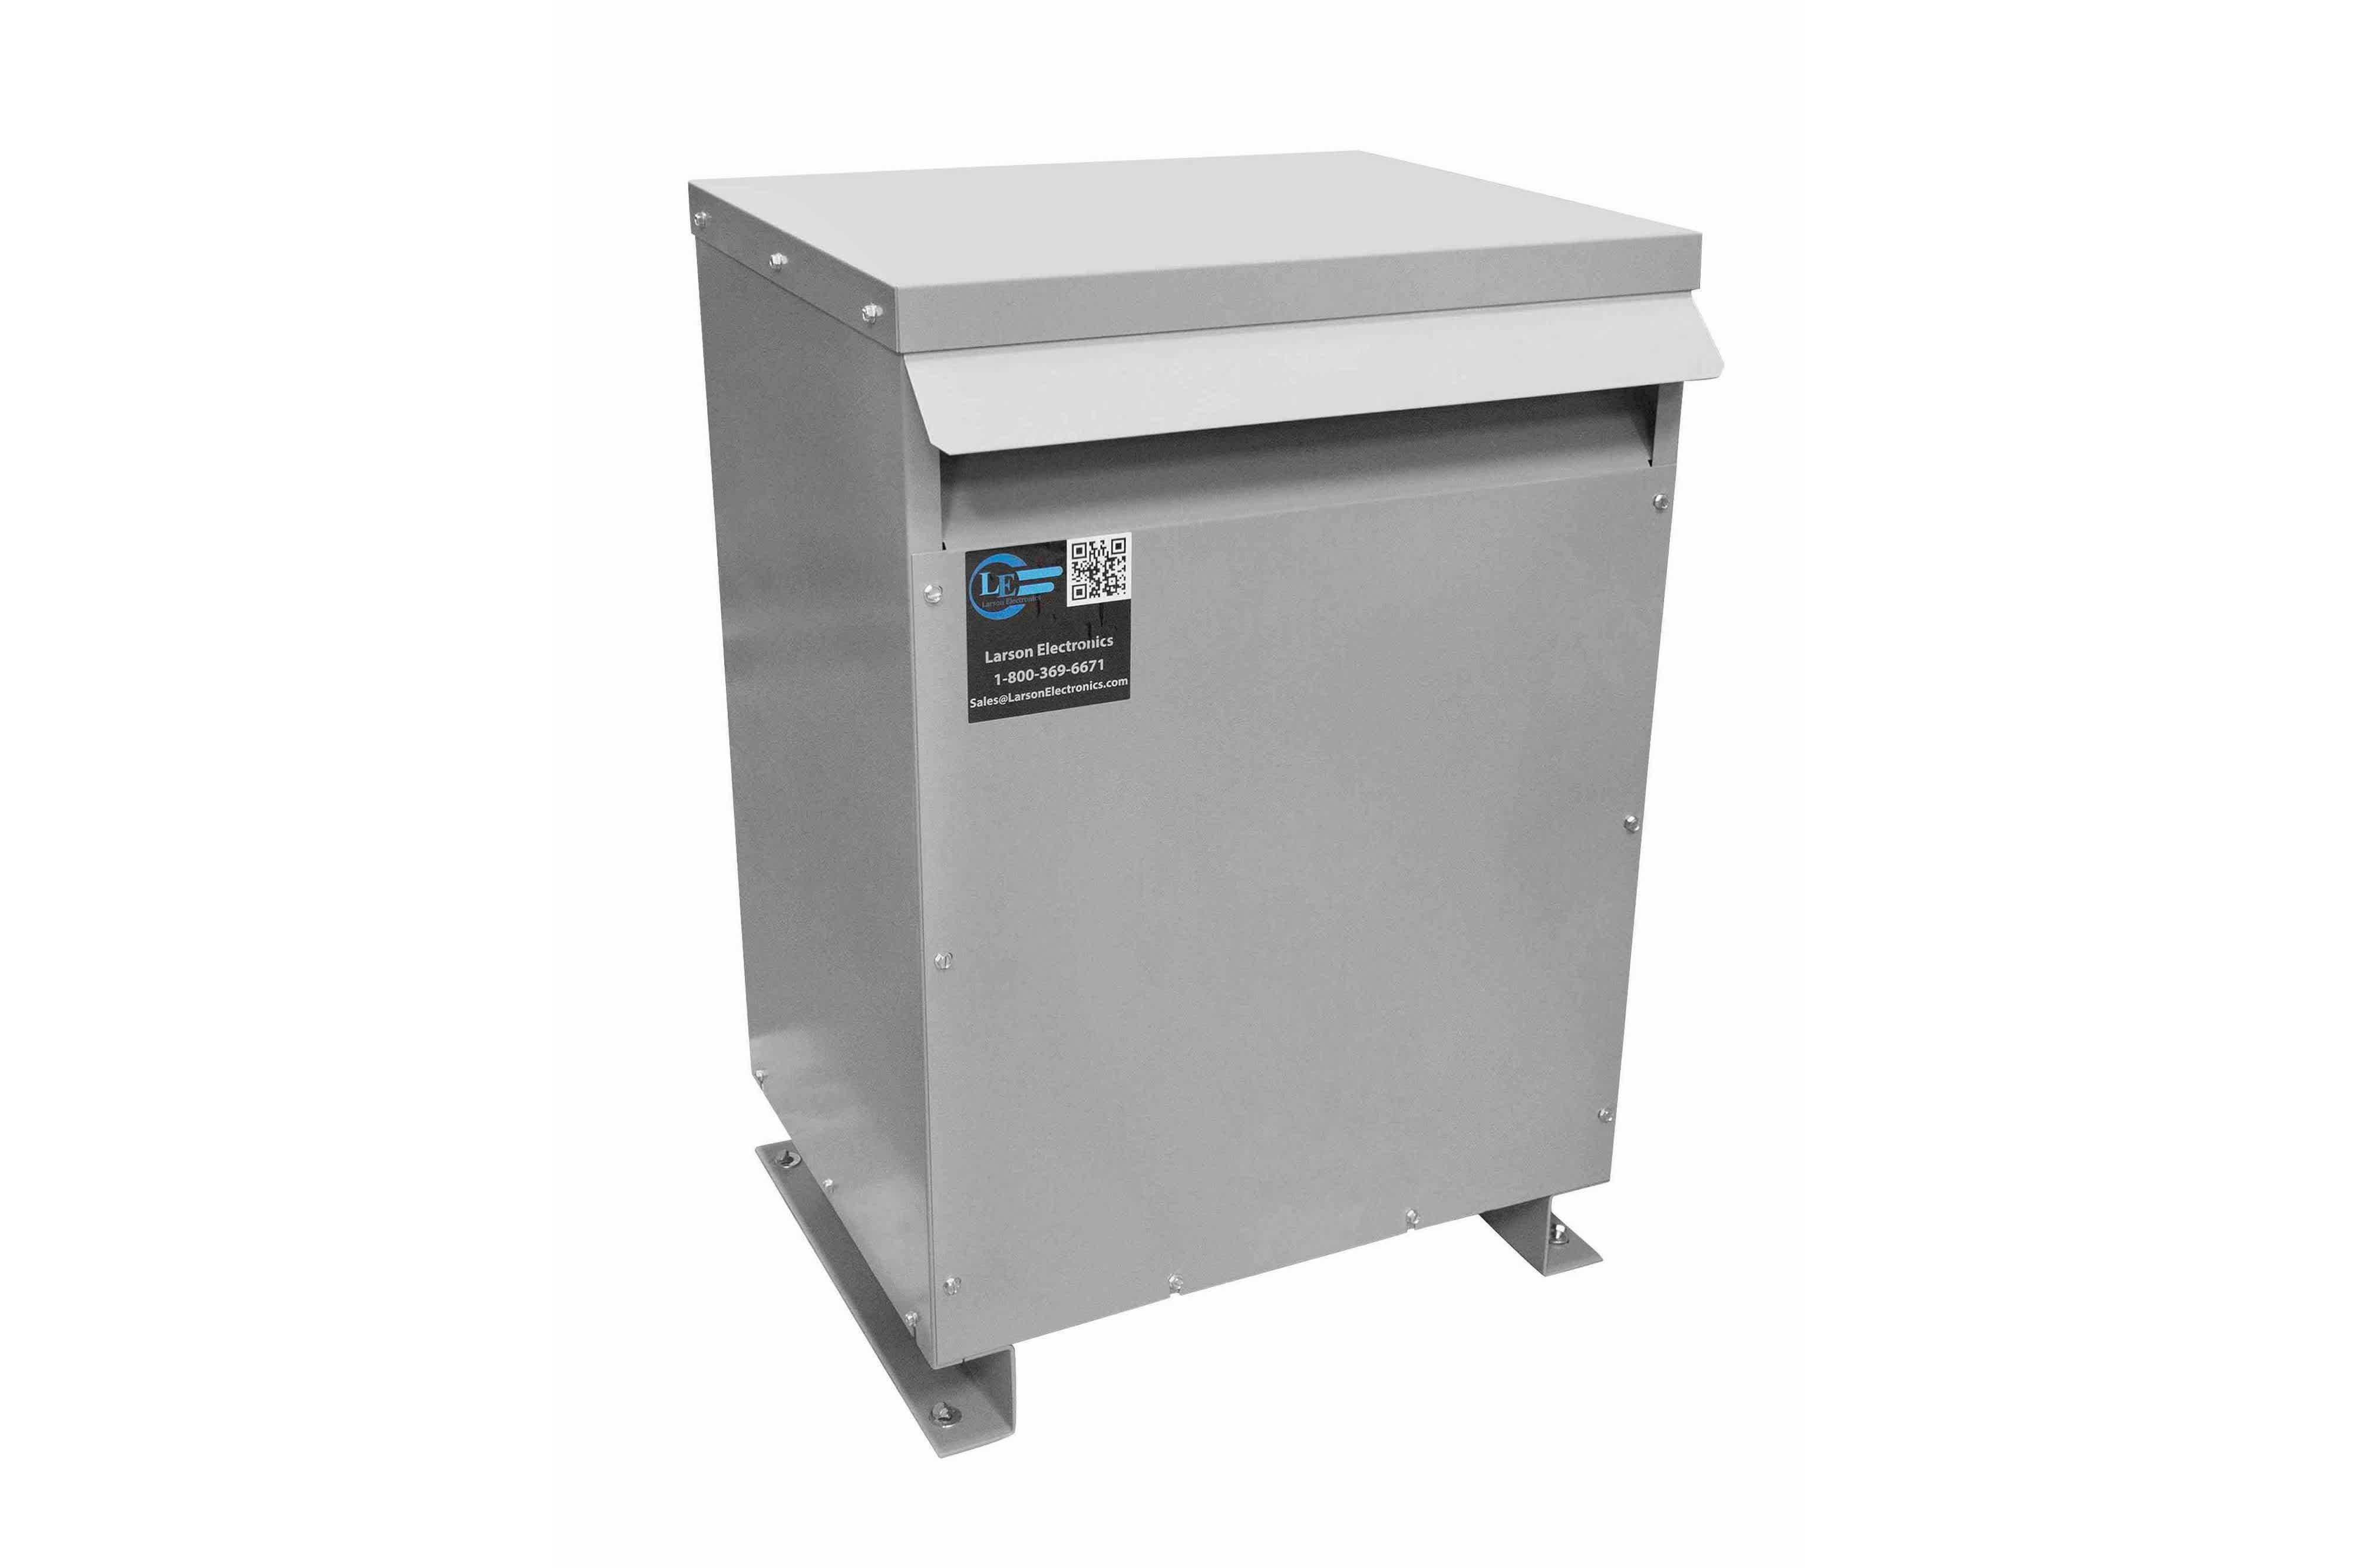 750 kVA 3PH Isolation Transformer, 460V Delta Primary, 240 Delta Secondary, N3R, Ventilated, 60 Hz